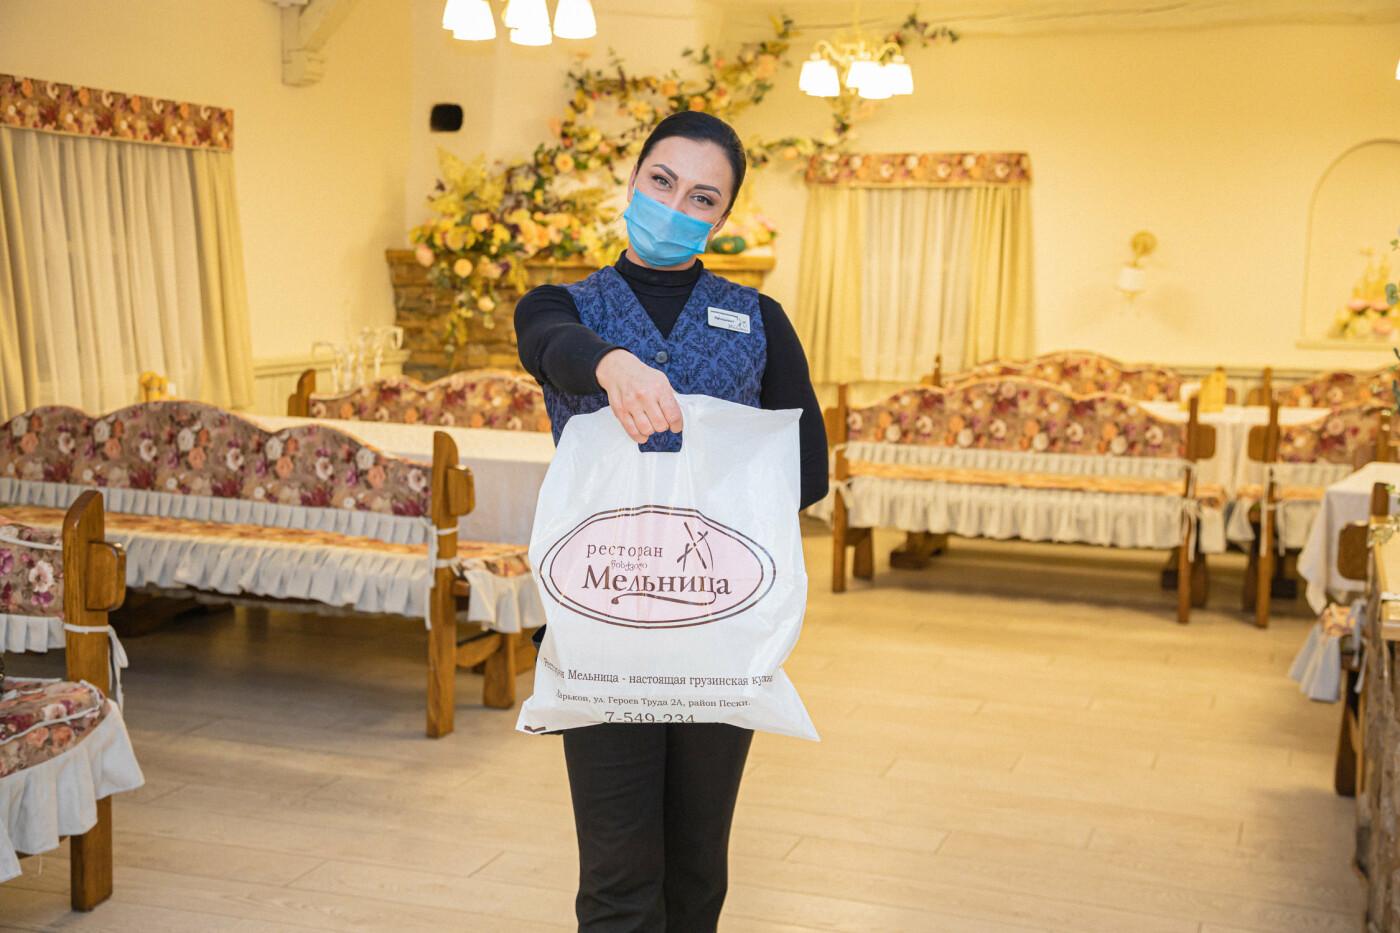 Доставка еды в Харькова, заказ вкусной еды на дом, фото-6